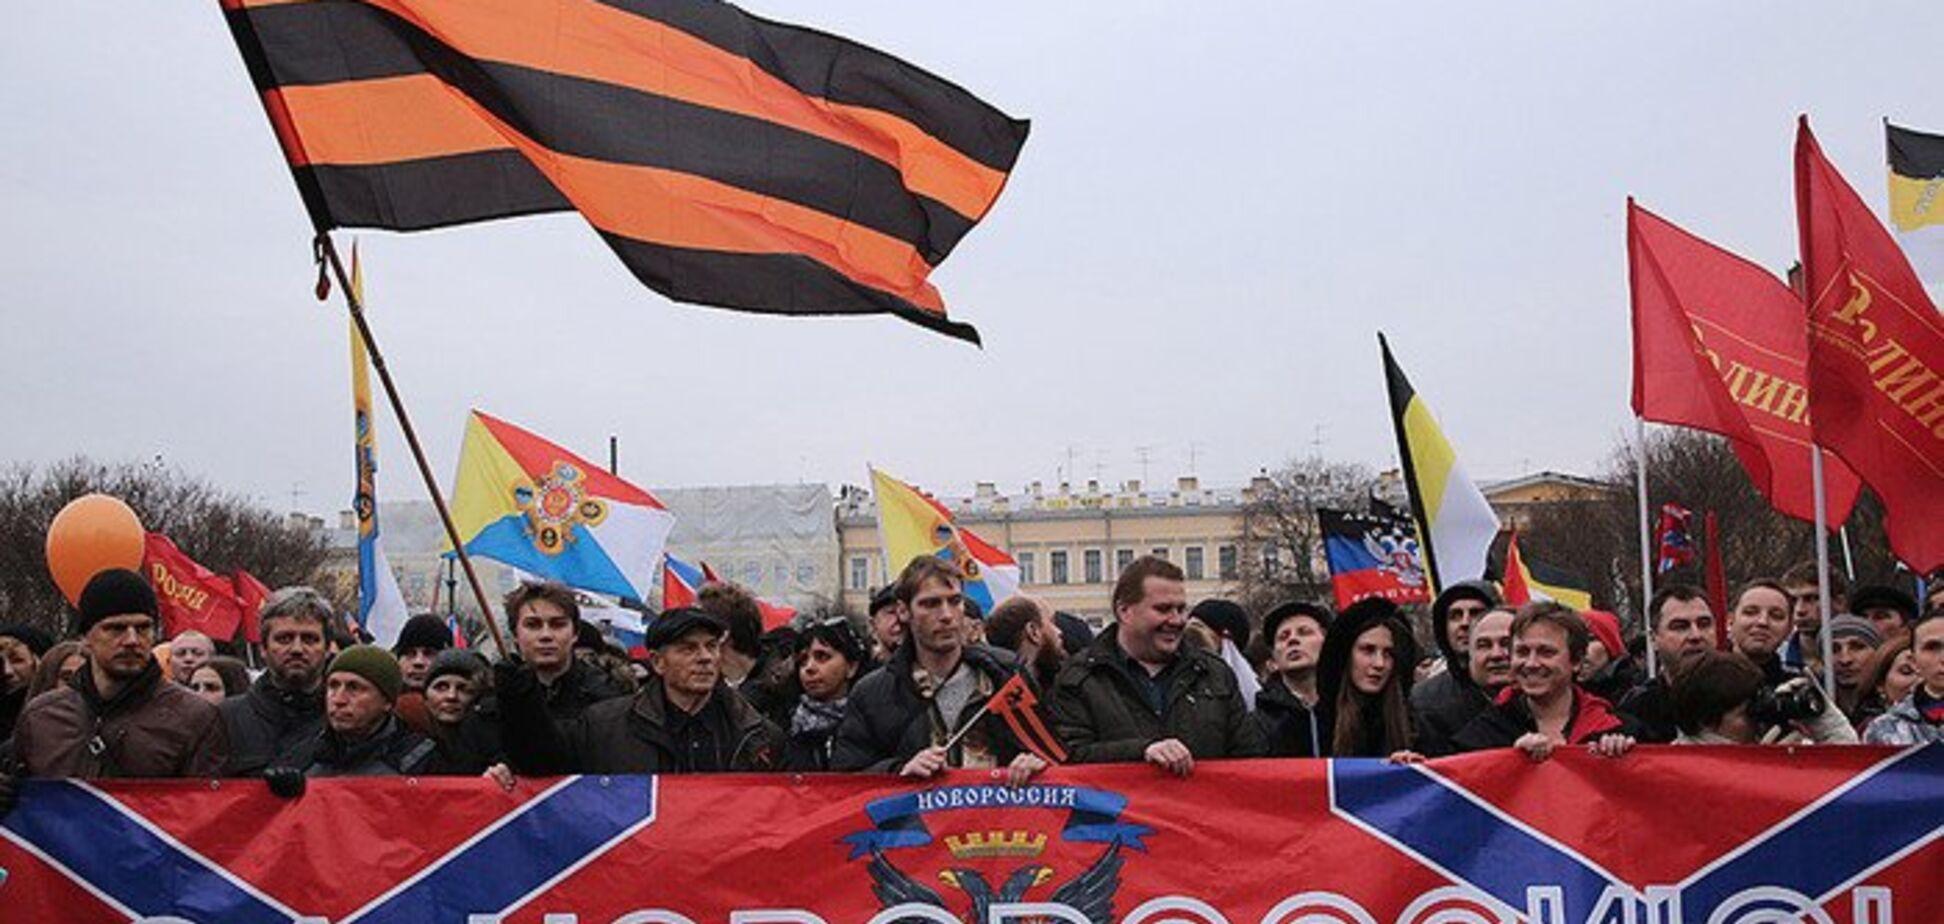 ''Заблукали на глобусі України'': Цимбалюк упіймав батька 'Новоросії' на тривожній обмовці